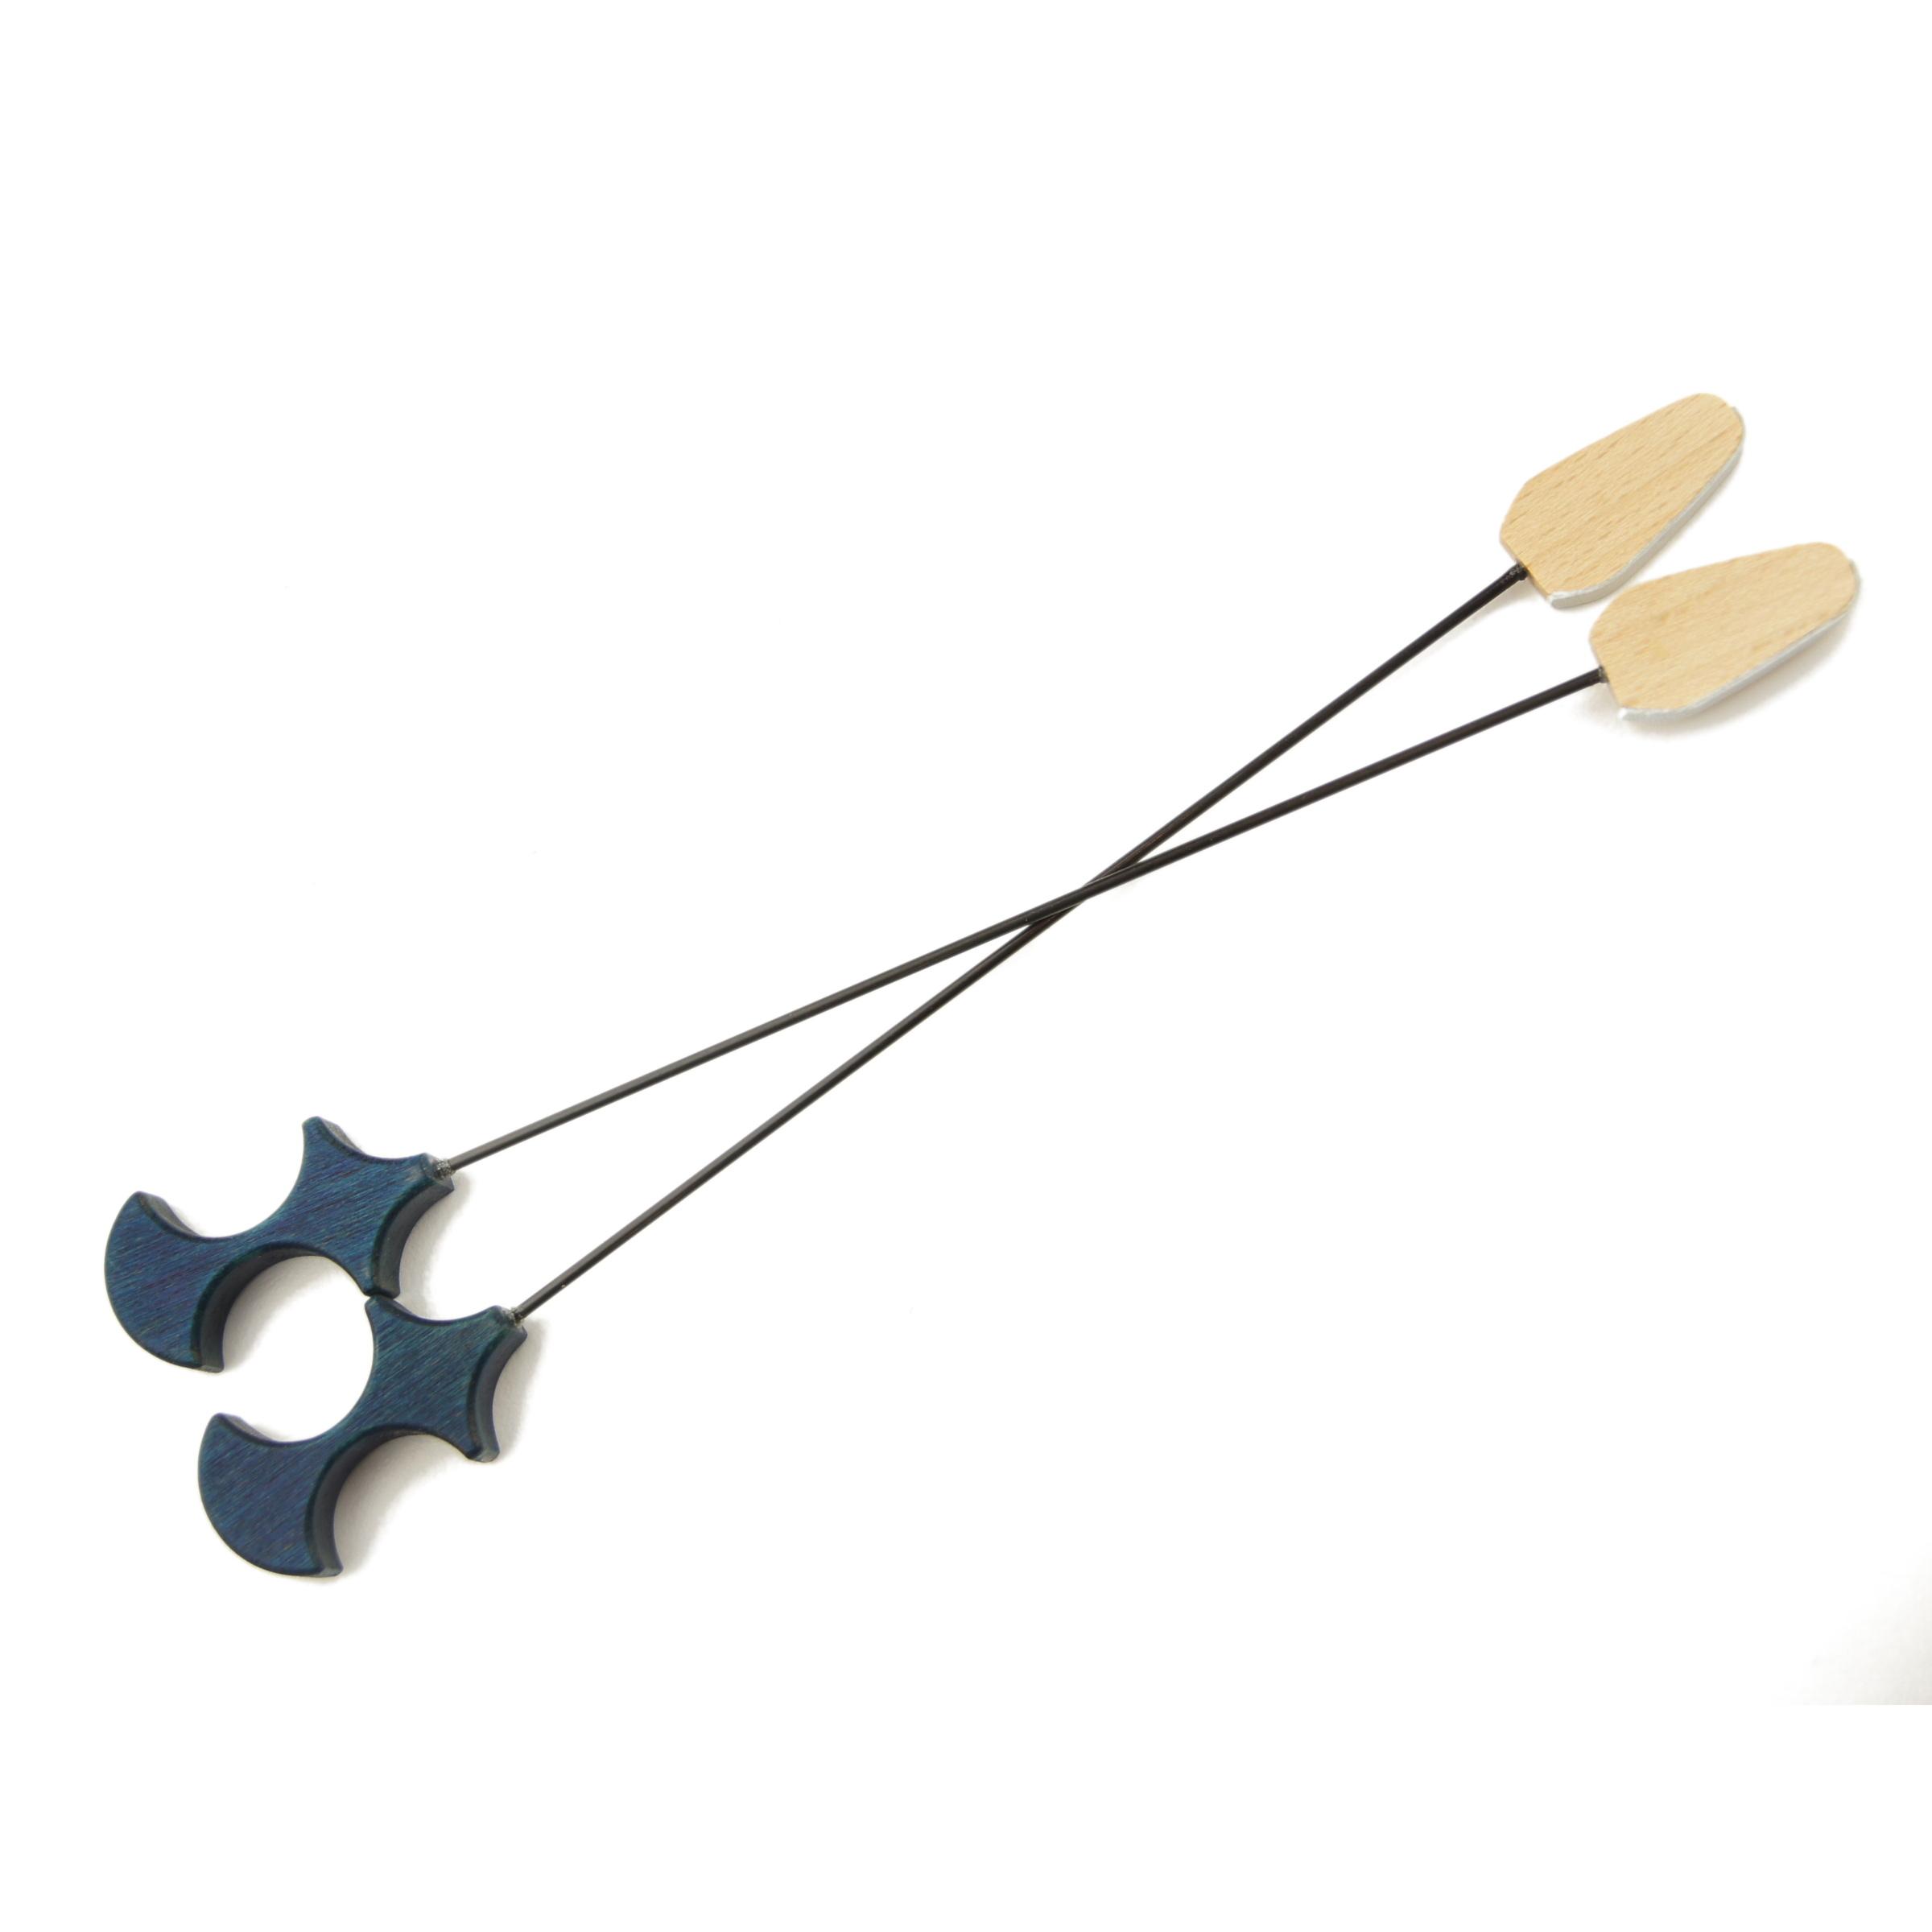 Goldsteg Hackbrettschlägel Carbon Leder/Holz blau